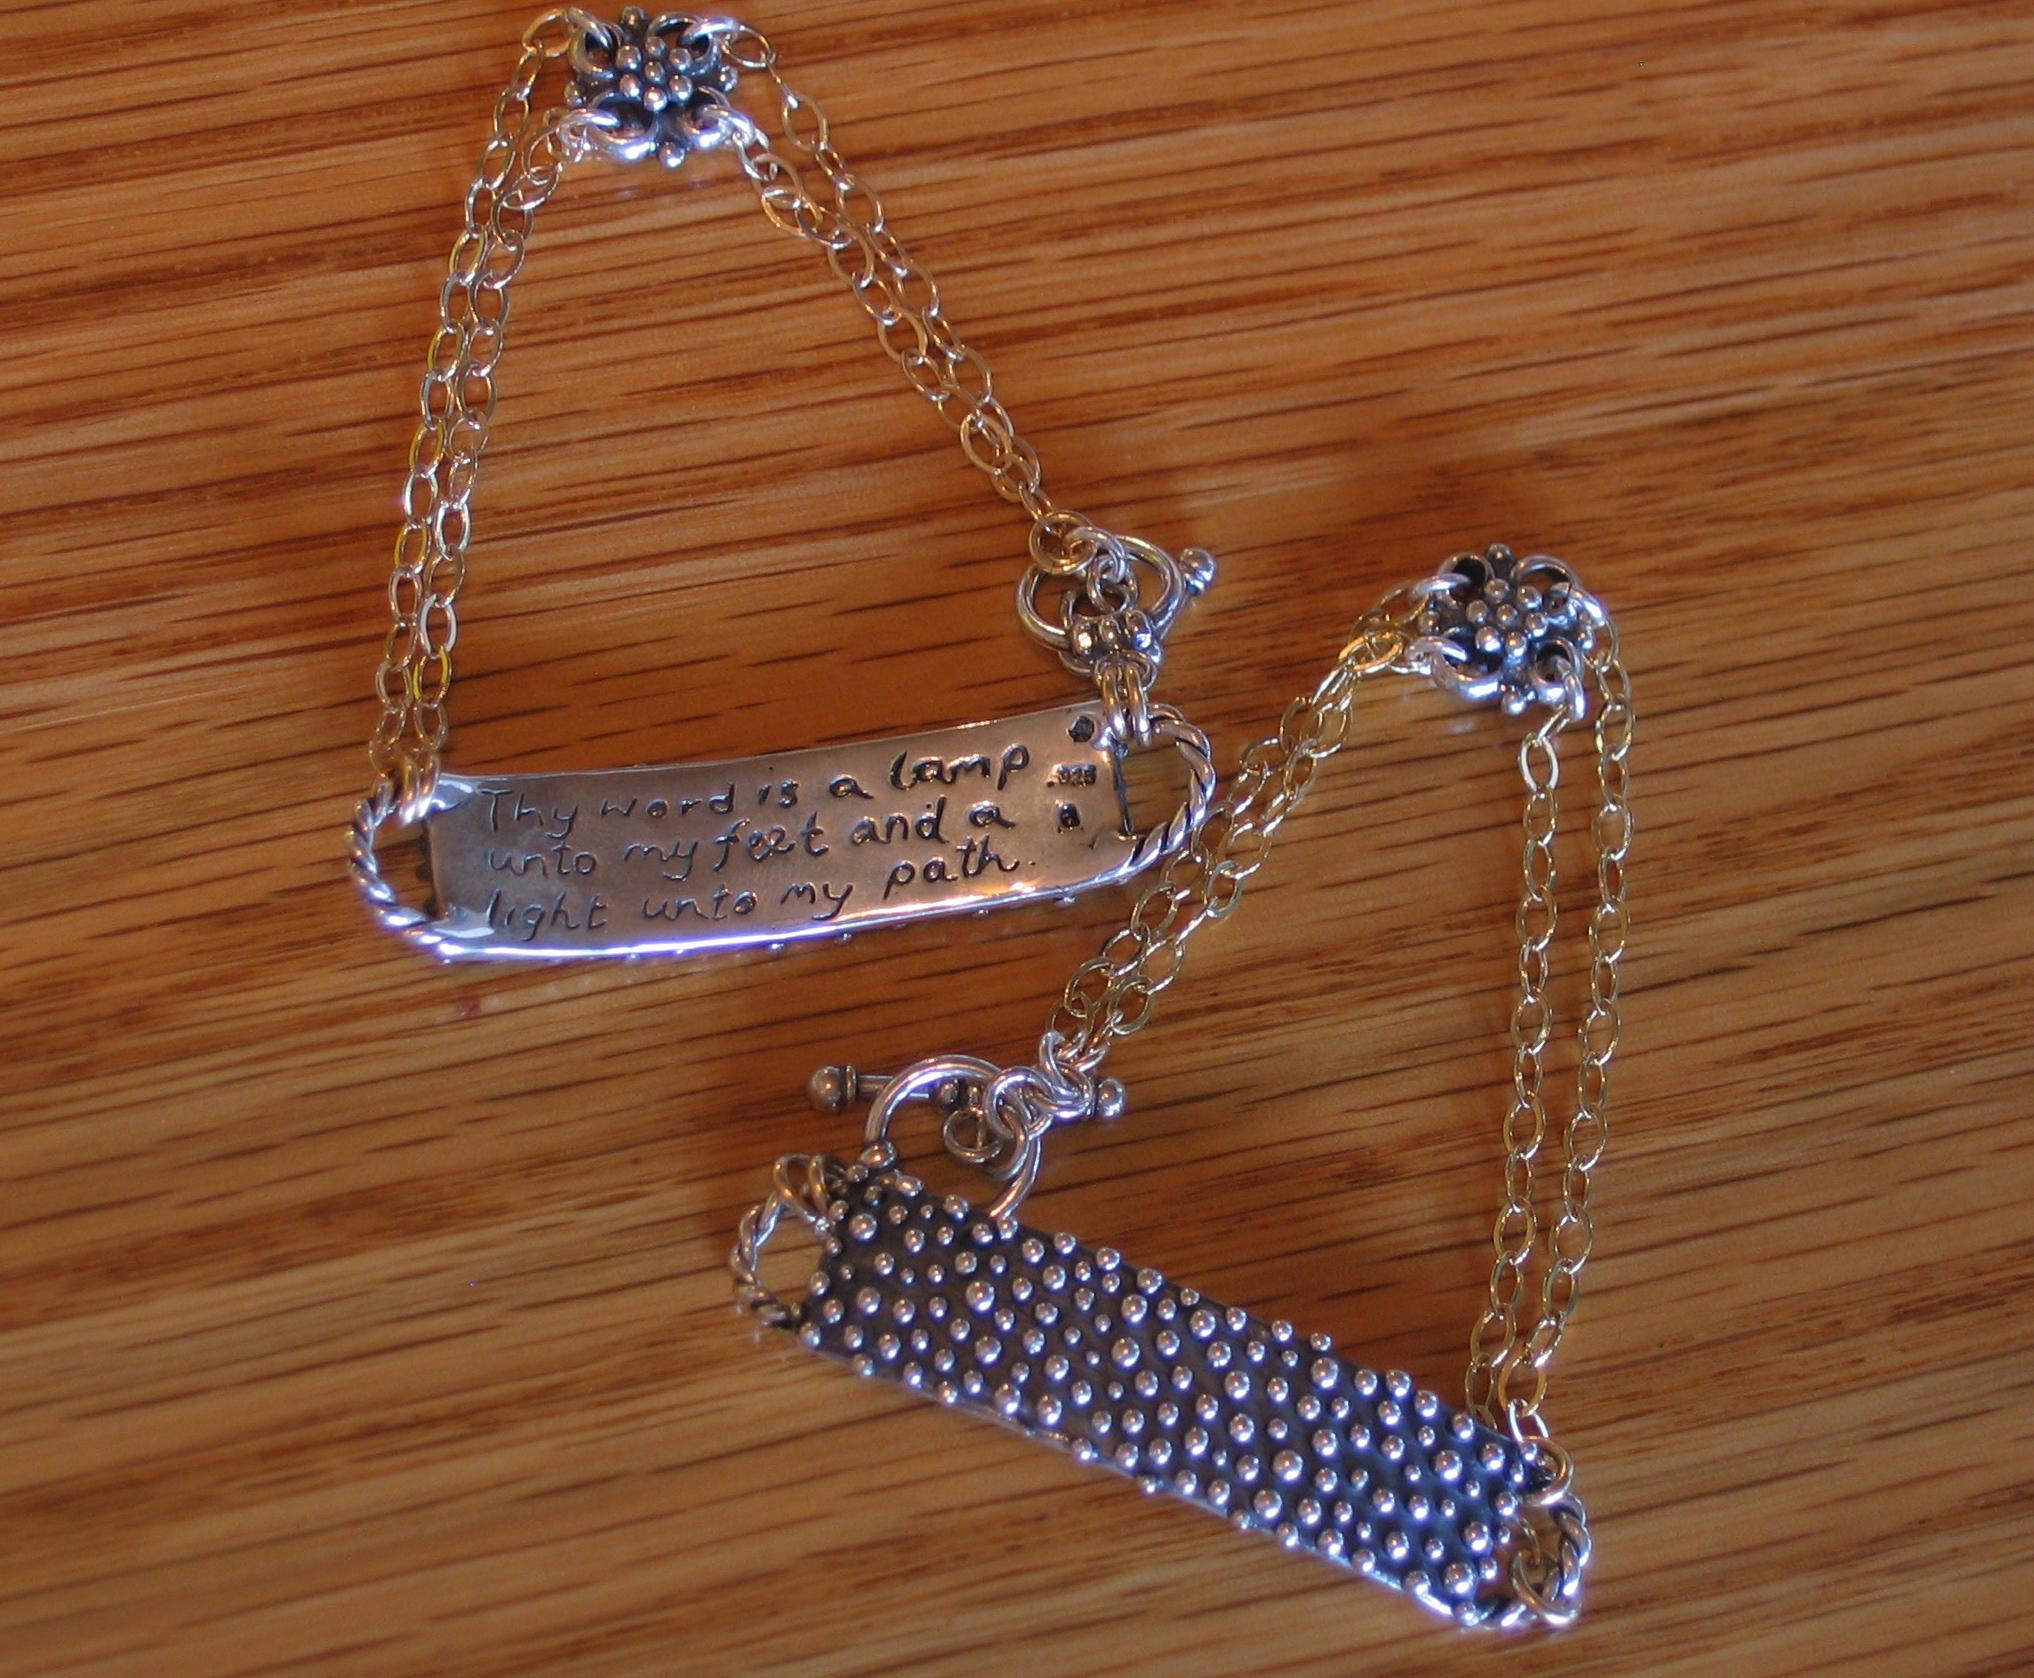 Dew Drop Bracelet with Scripture